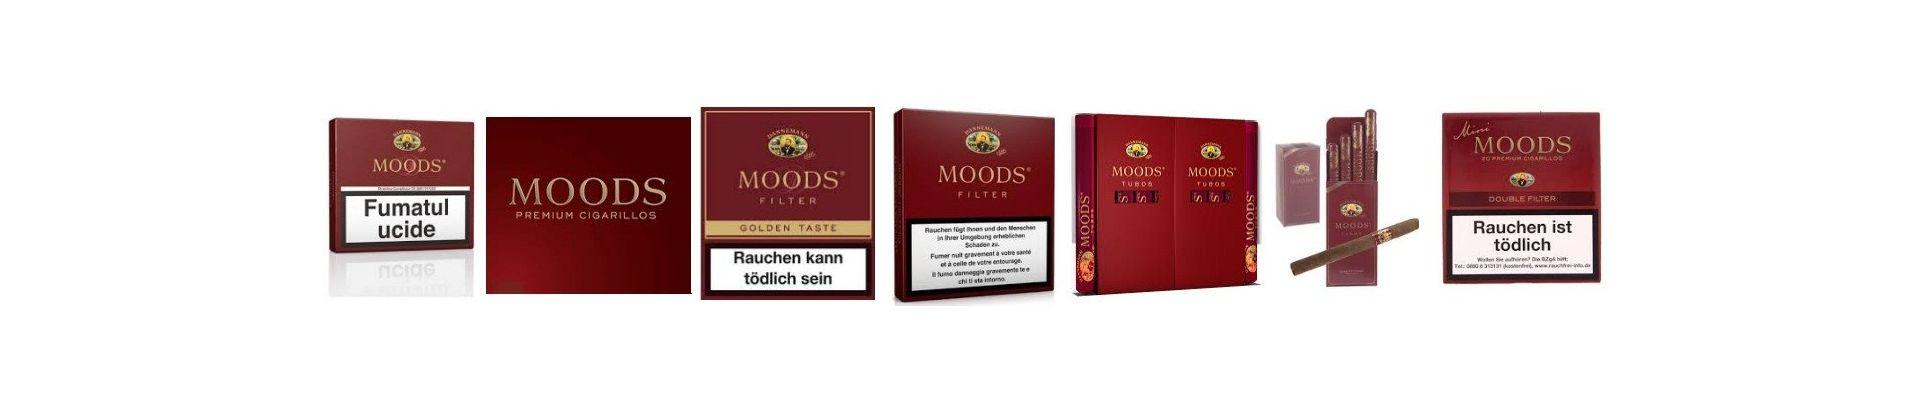 Tigari de foi Dannemann Moods.Magazin tigari de foi Dannemann Moods la cele mai bune preturi